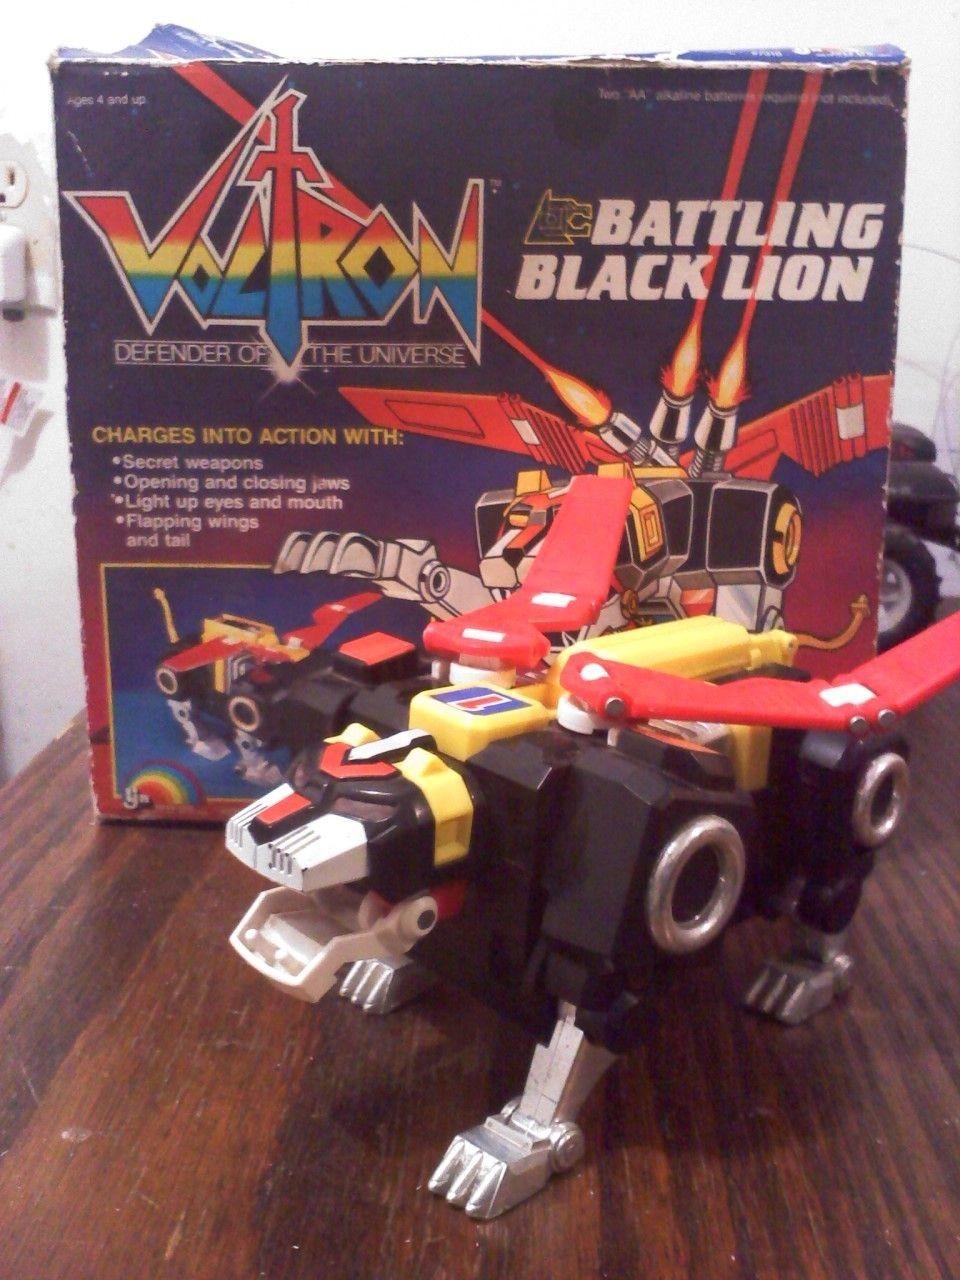 Voltron Papercraft Voltron Battling Black Lion Vintage toys Pinterest